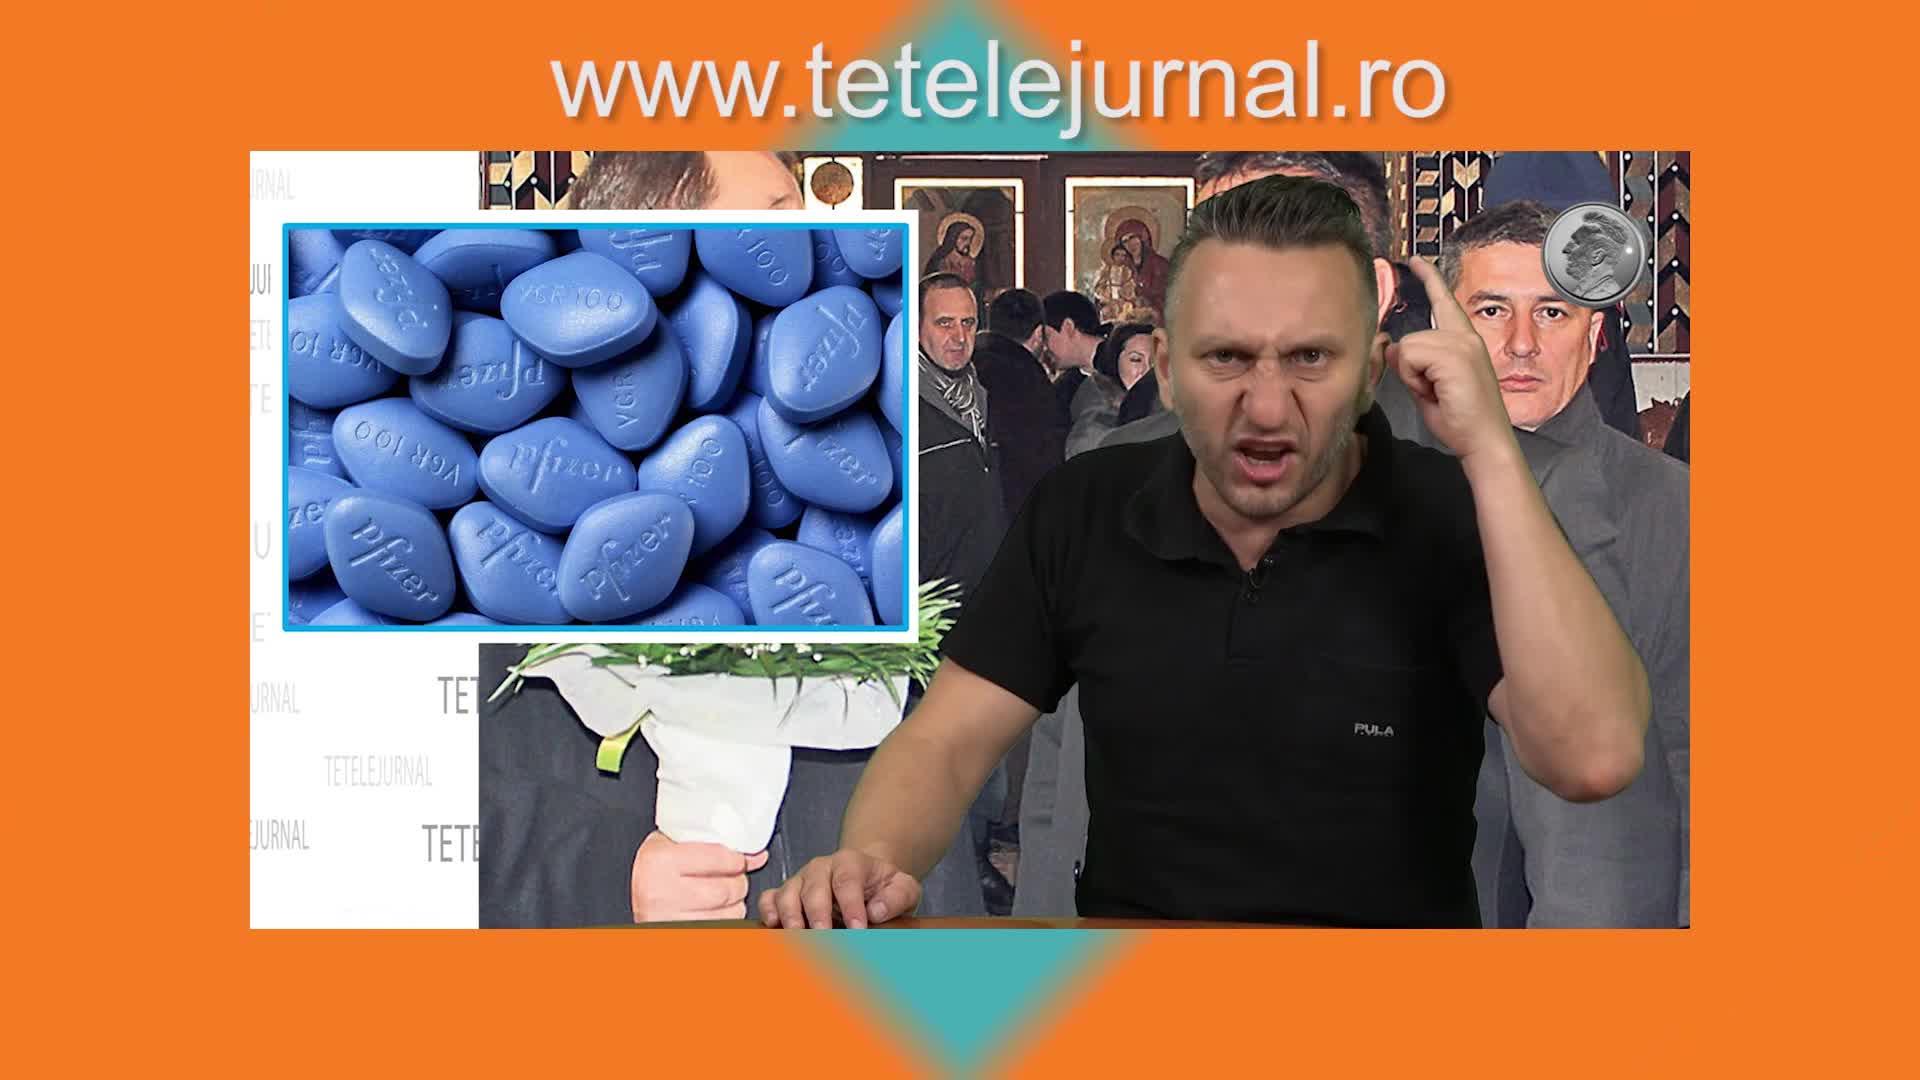 Perla lui Tetelu: De ce e Velicu cel mai prost!